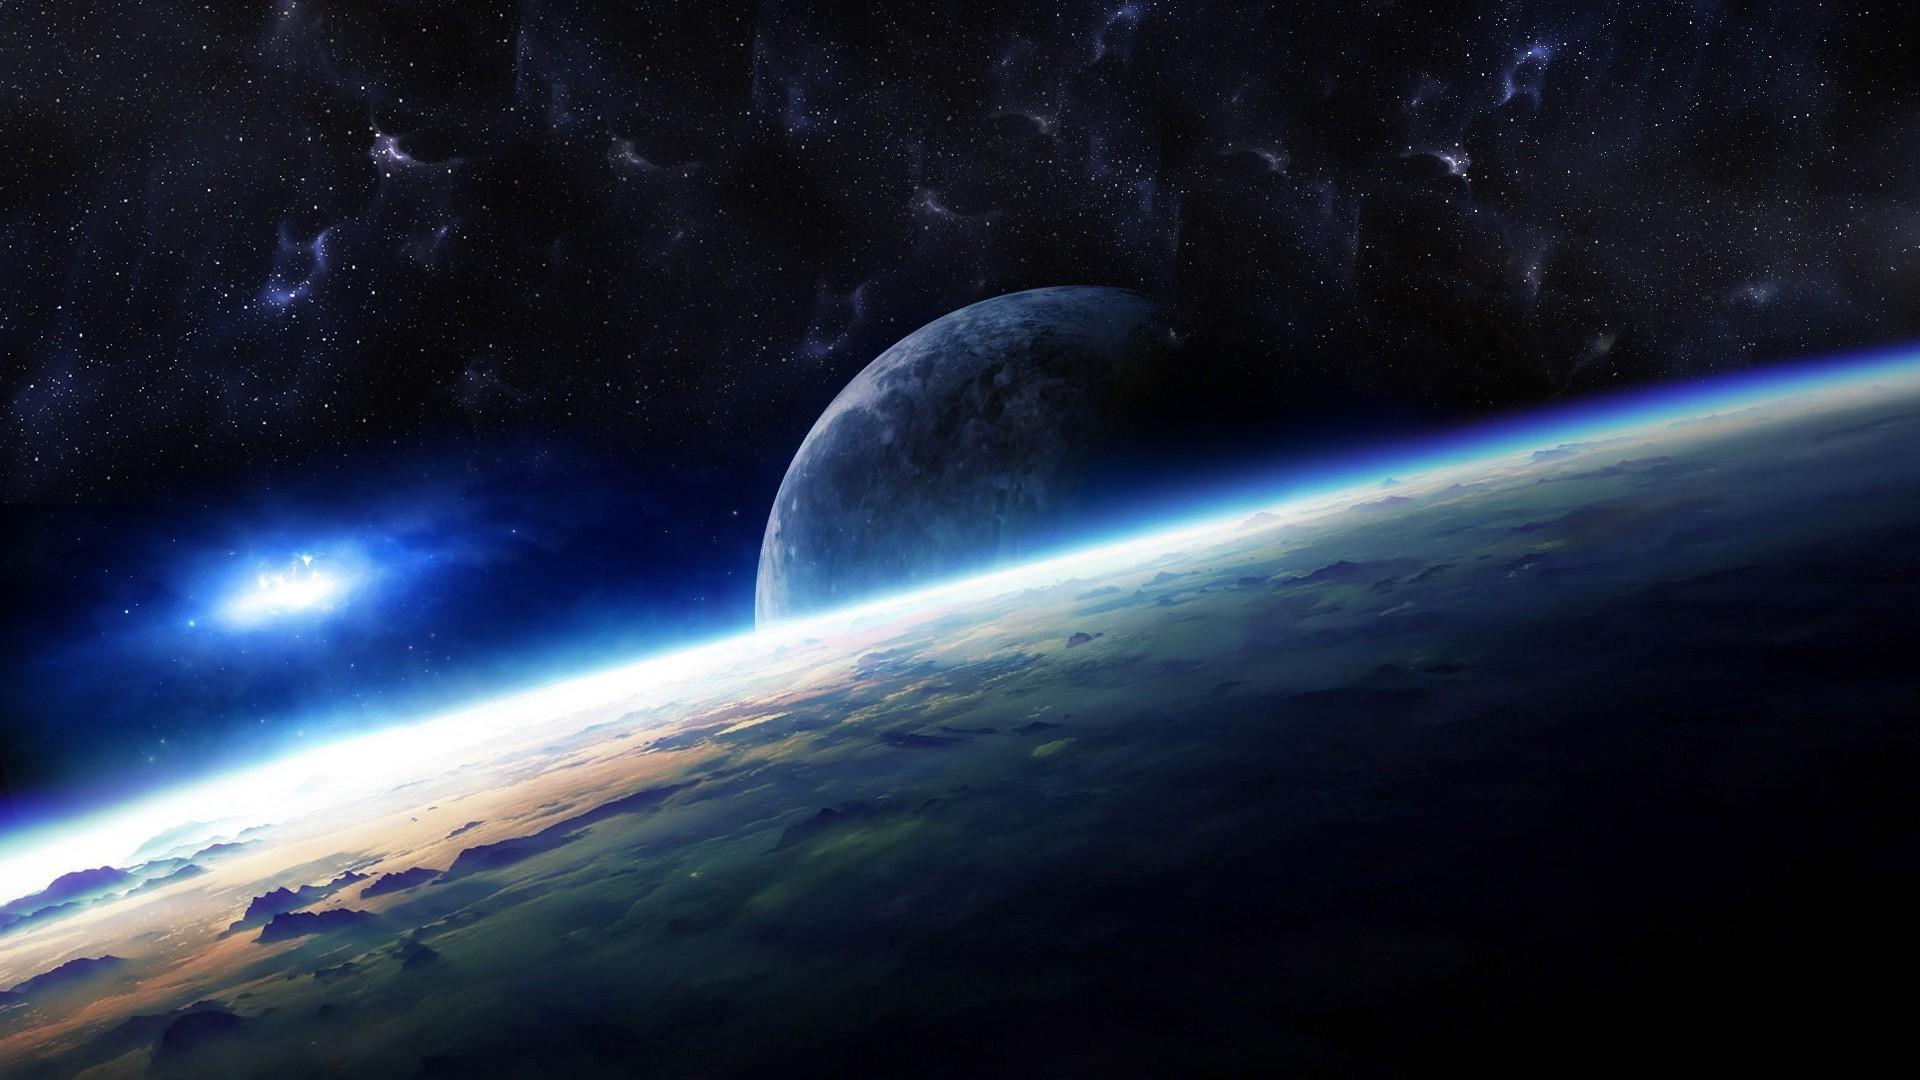 Качественные картинки космоса на рабочий стол